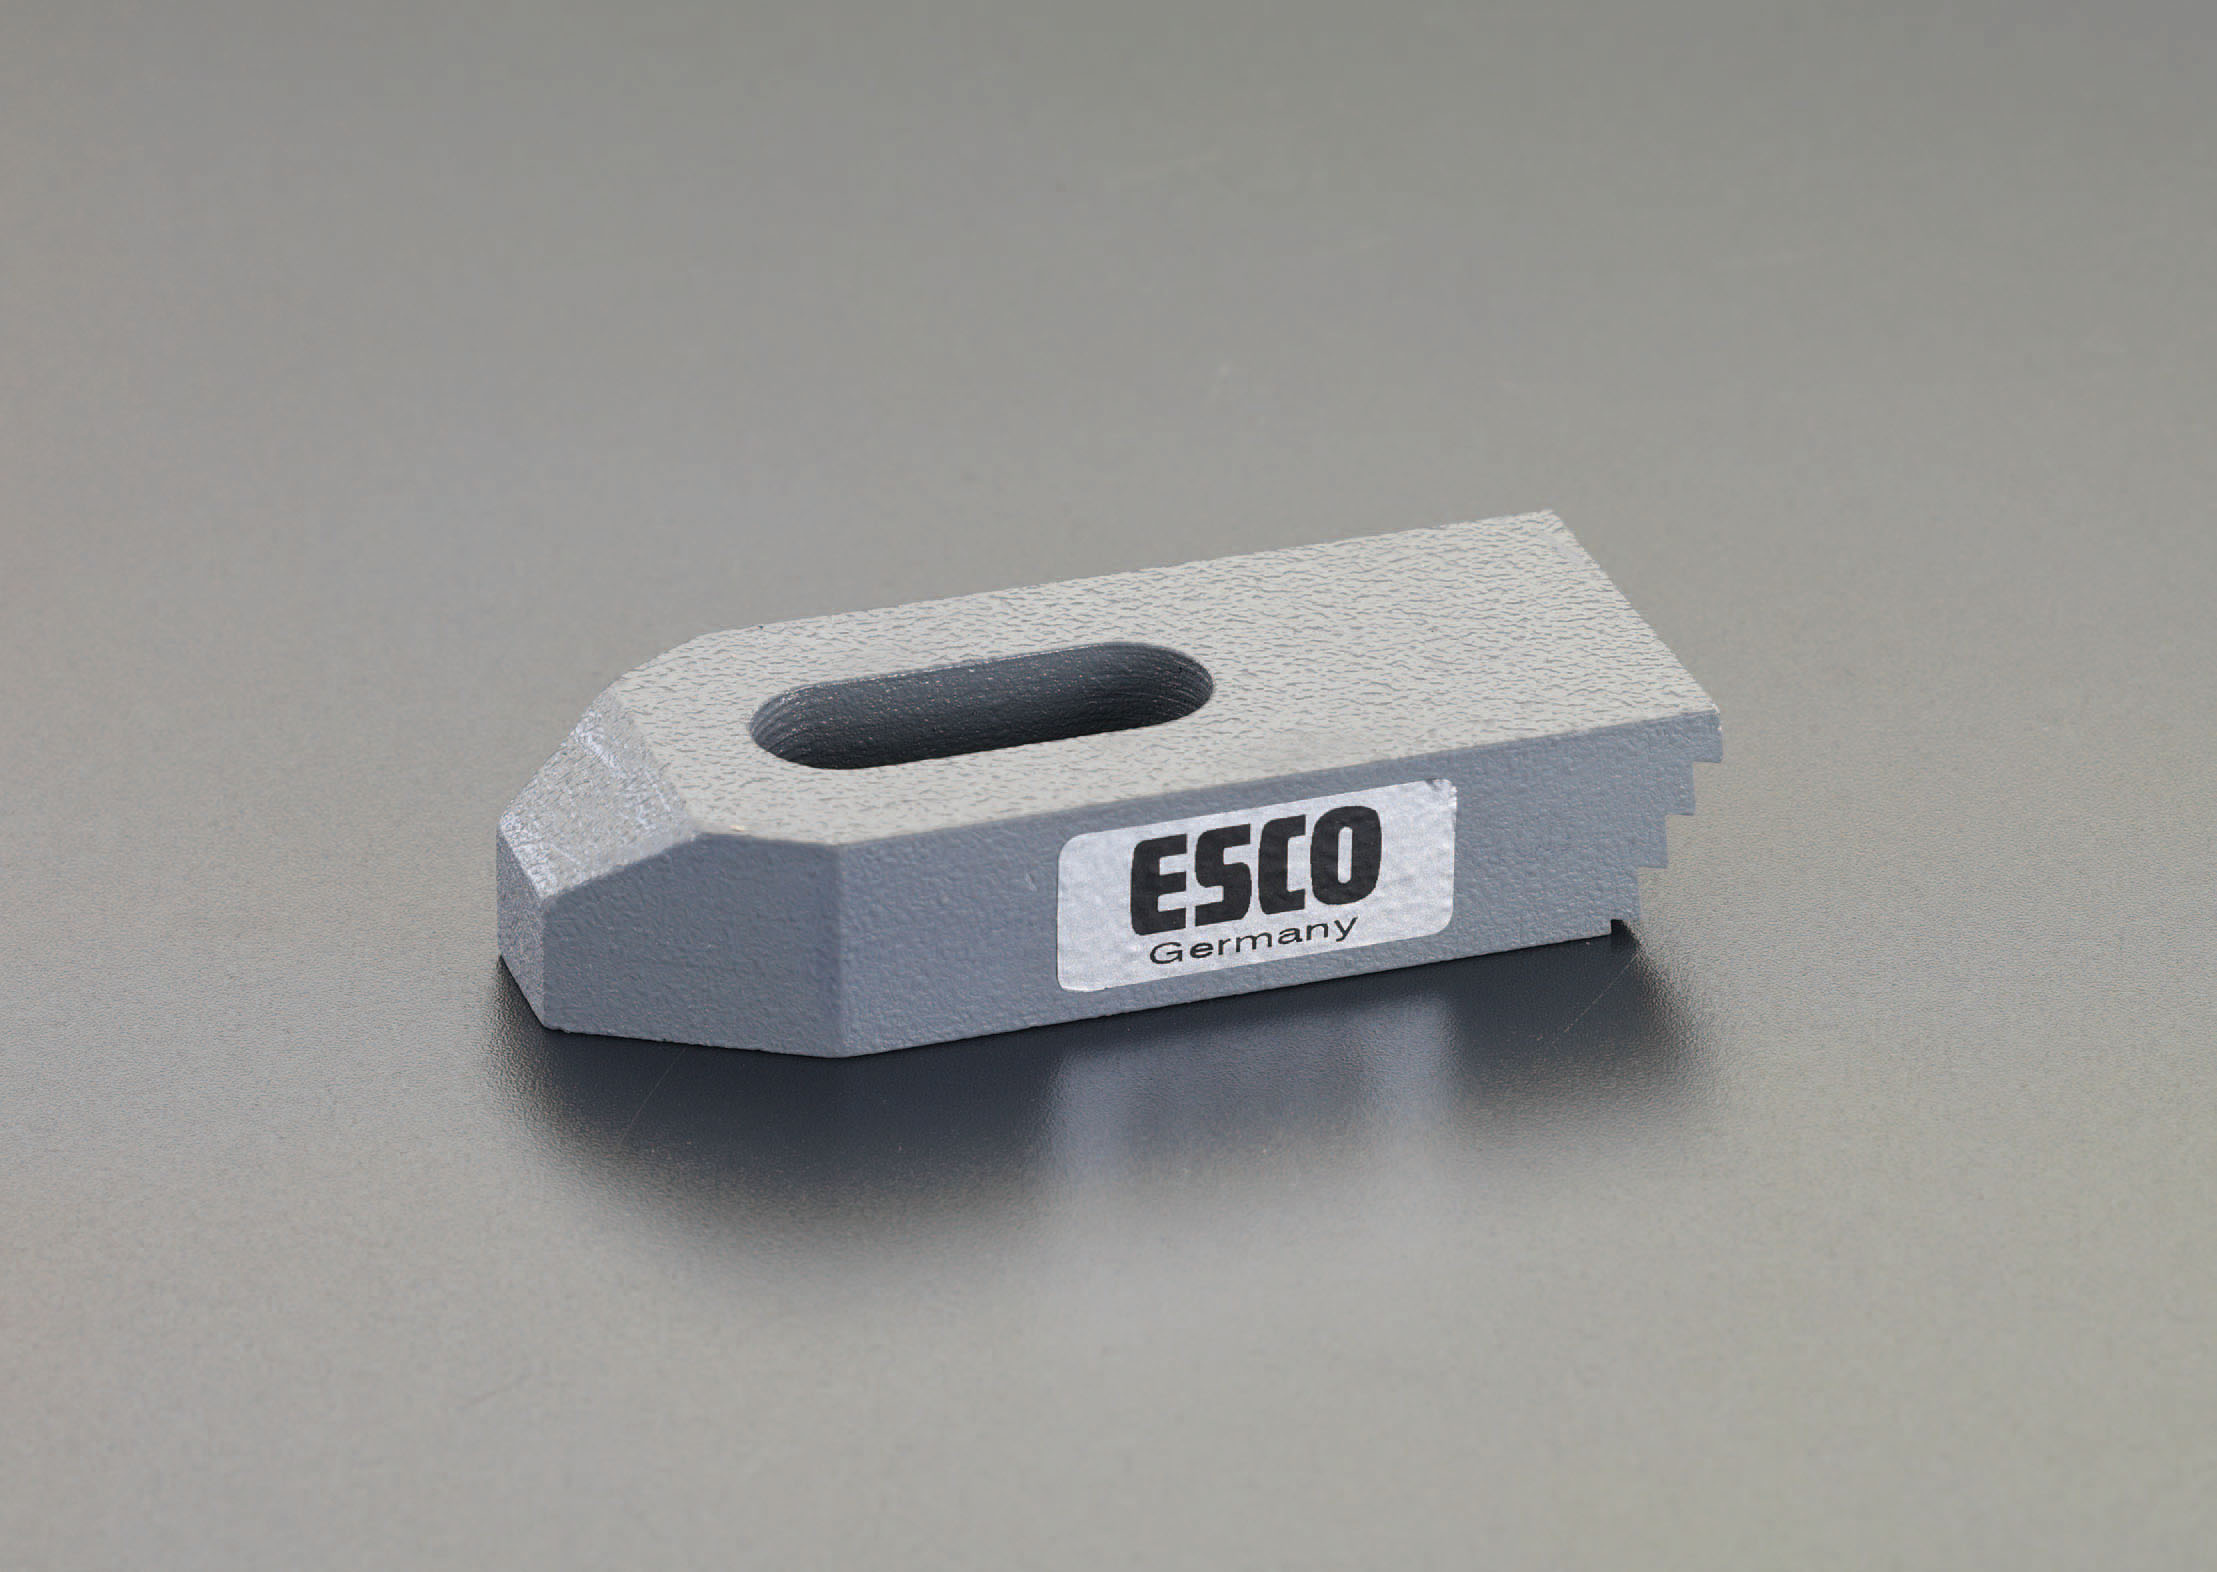 ※サイズ詳細は、エスコ寸法図を参照下さい。